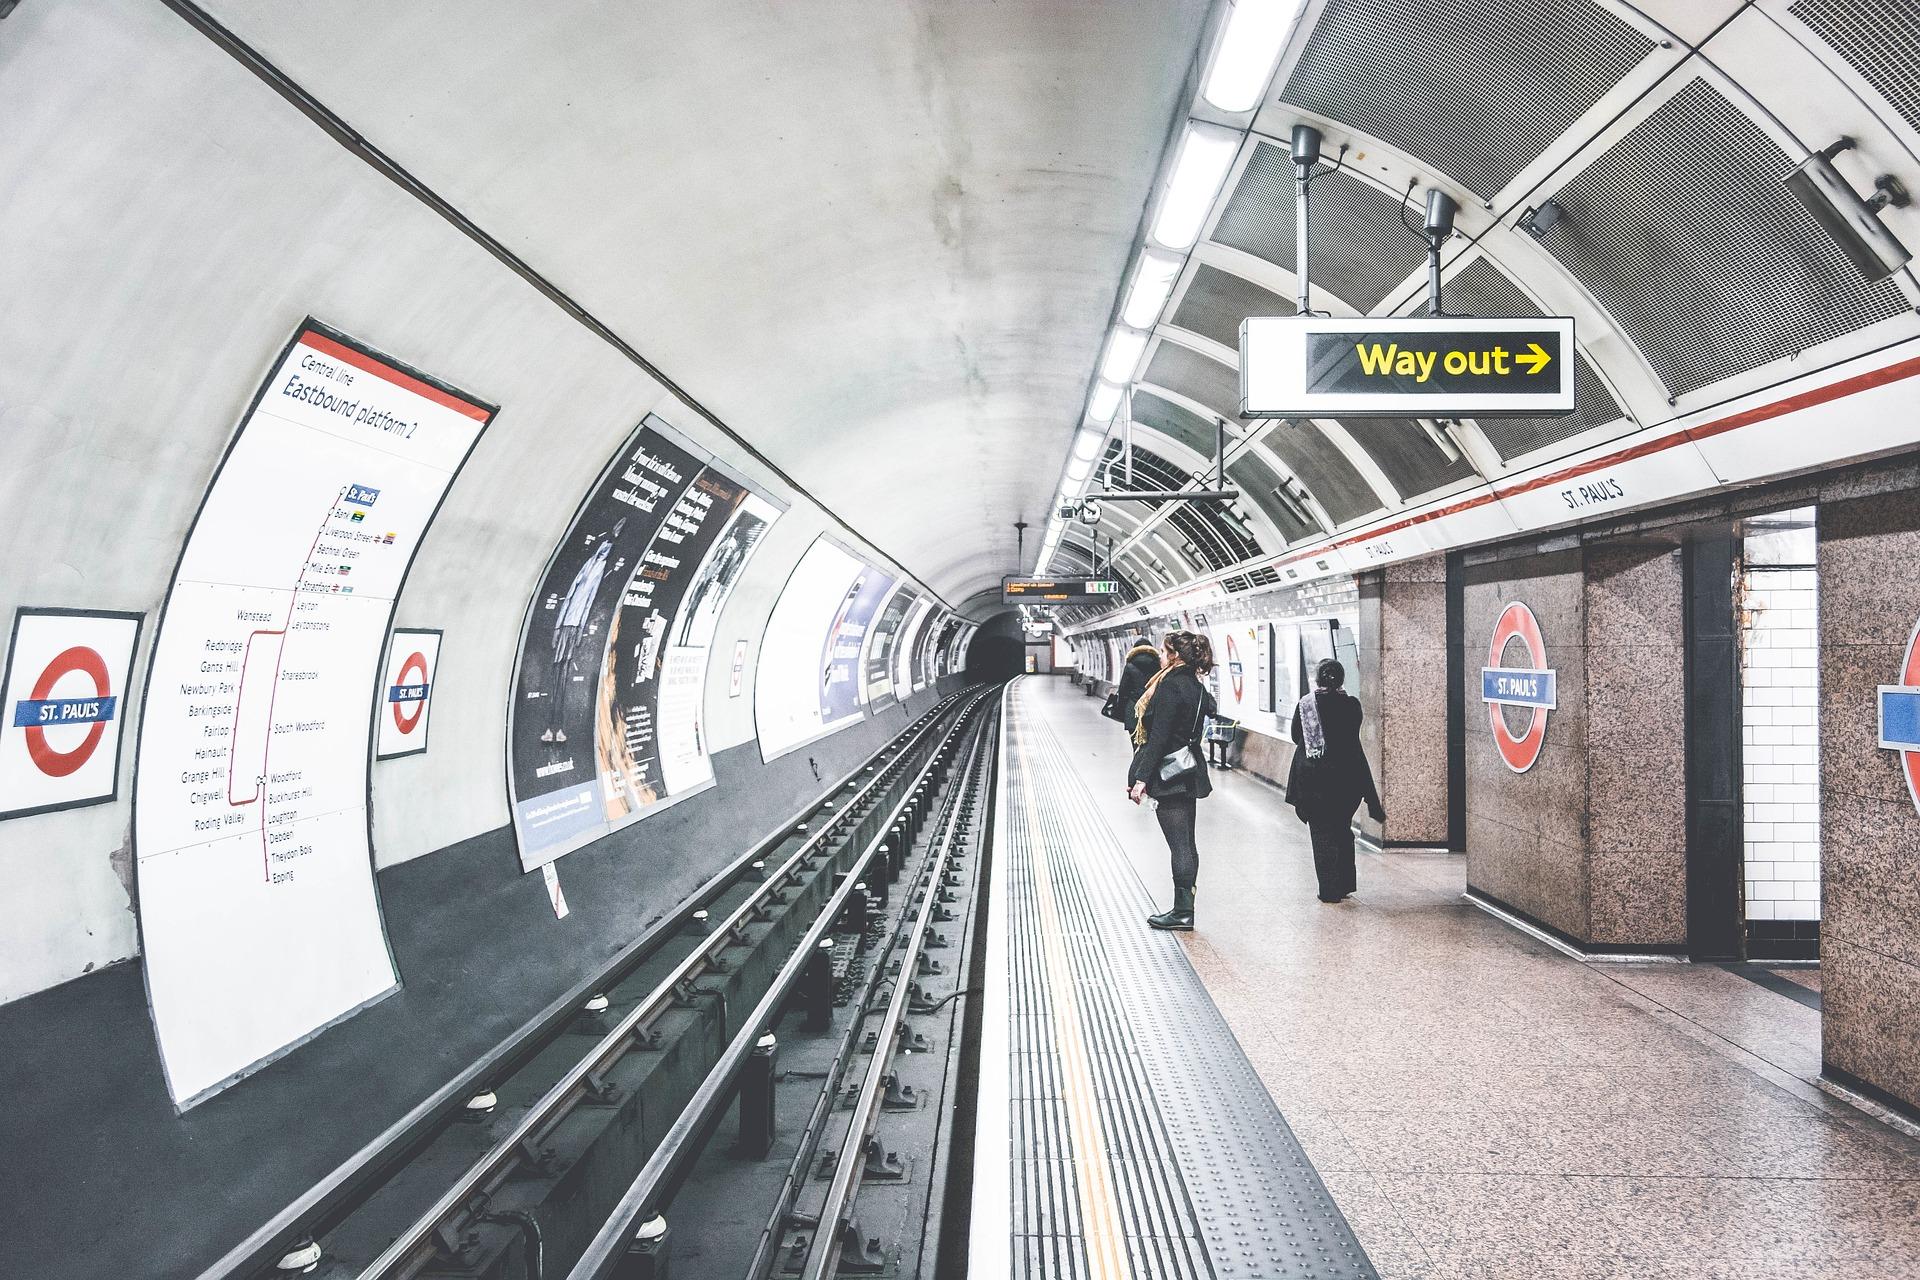 मेट्रो, लंदन, स्टेशन, इंग्लैंड, Anden, तुम्हारे लिए इंतज़ार कर - HD वॉलपेपर - प्रोफेसर-falken.com